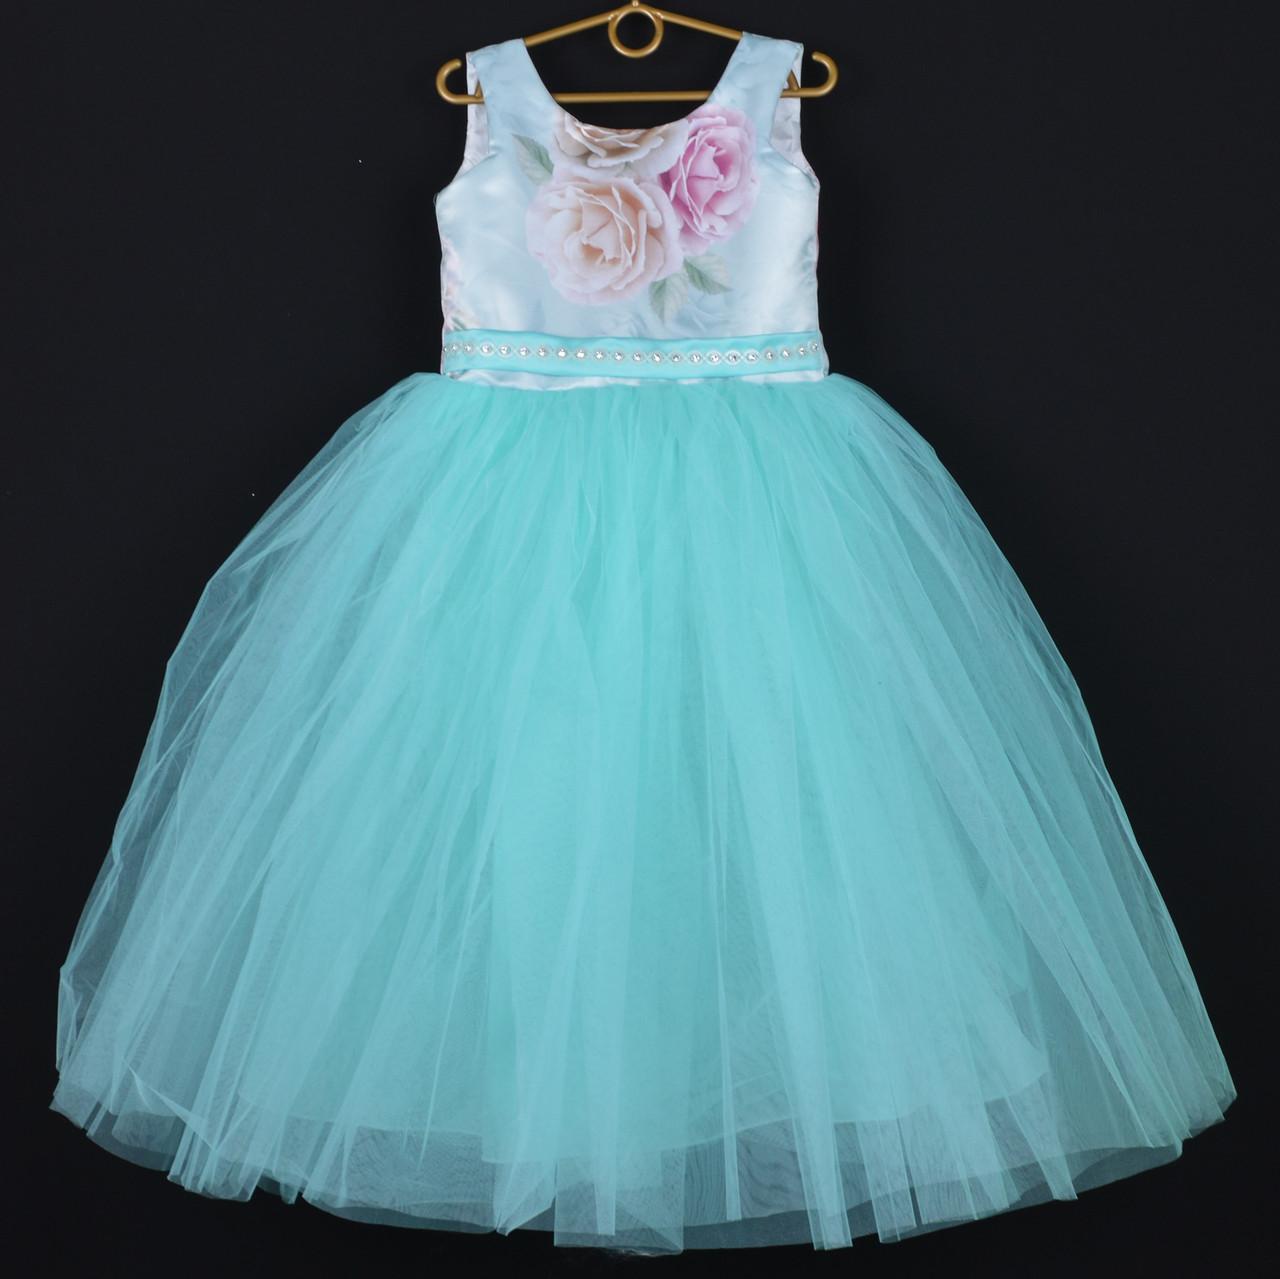 """Платье нарядное детское """"Магнолия"""" со съемным бантом. 6-7 лет. Бирюзовое. Оптом и в розницу"""